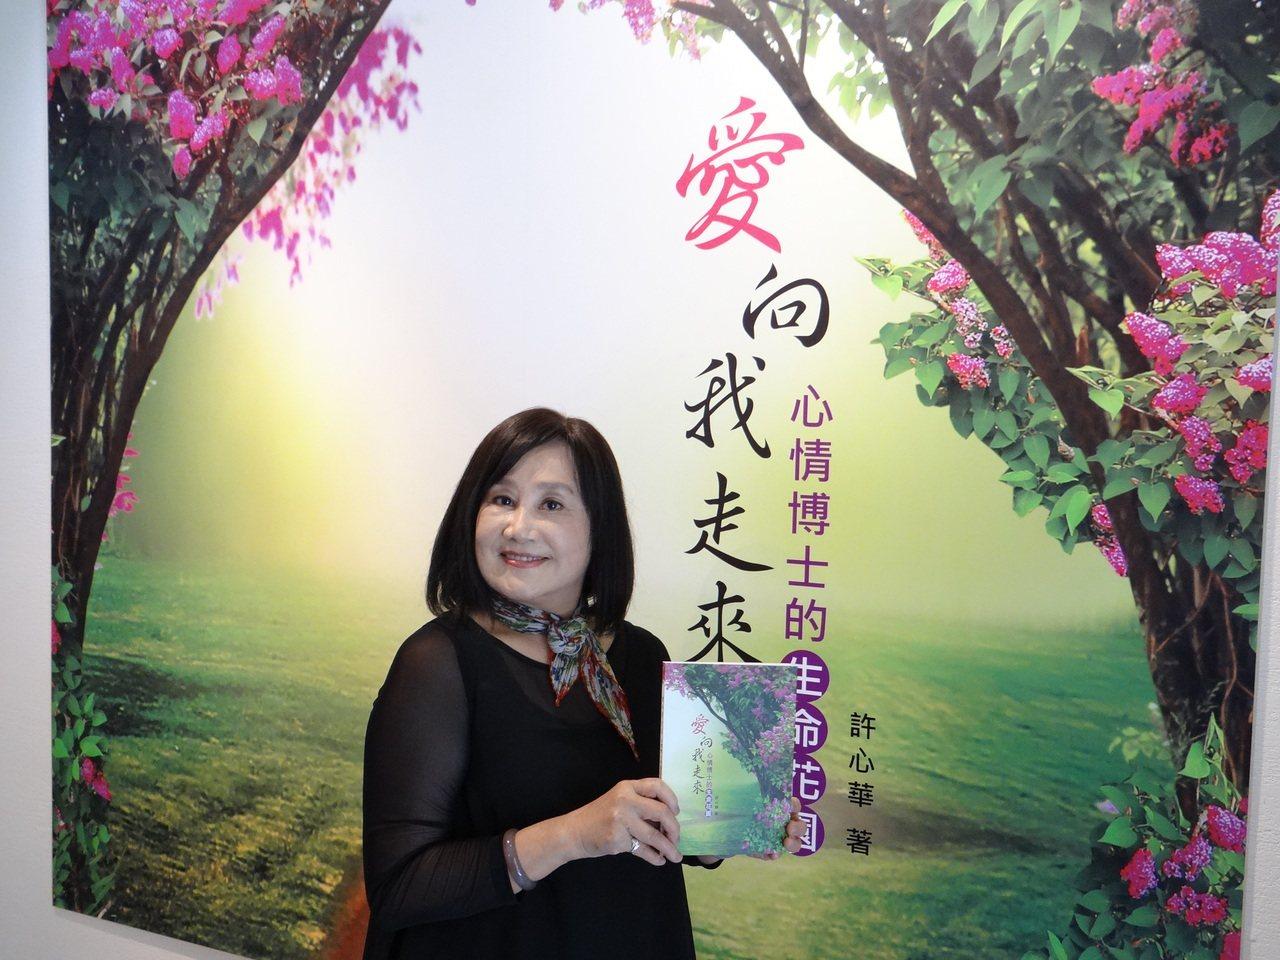 兒童心理專家、高雄醫學大學退休教授許心華今天在台南舉辦新書《愛向我走來》發表會。...